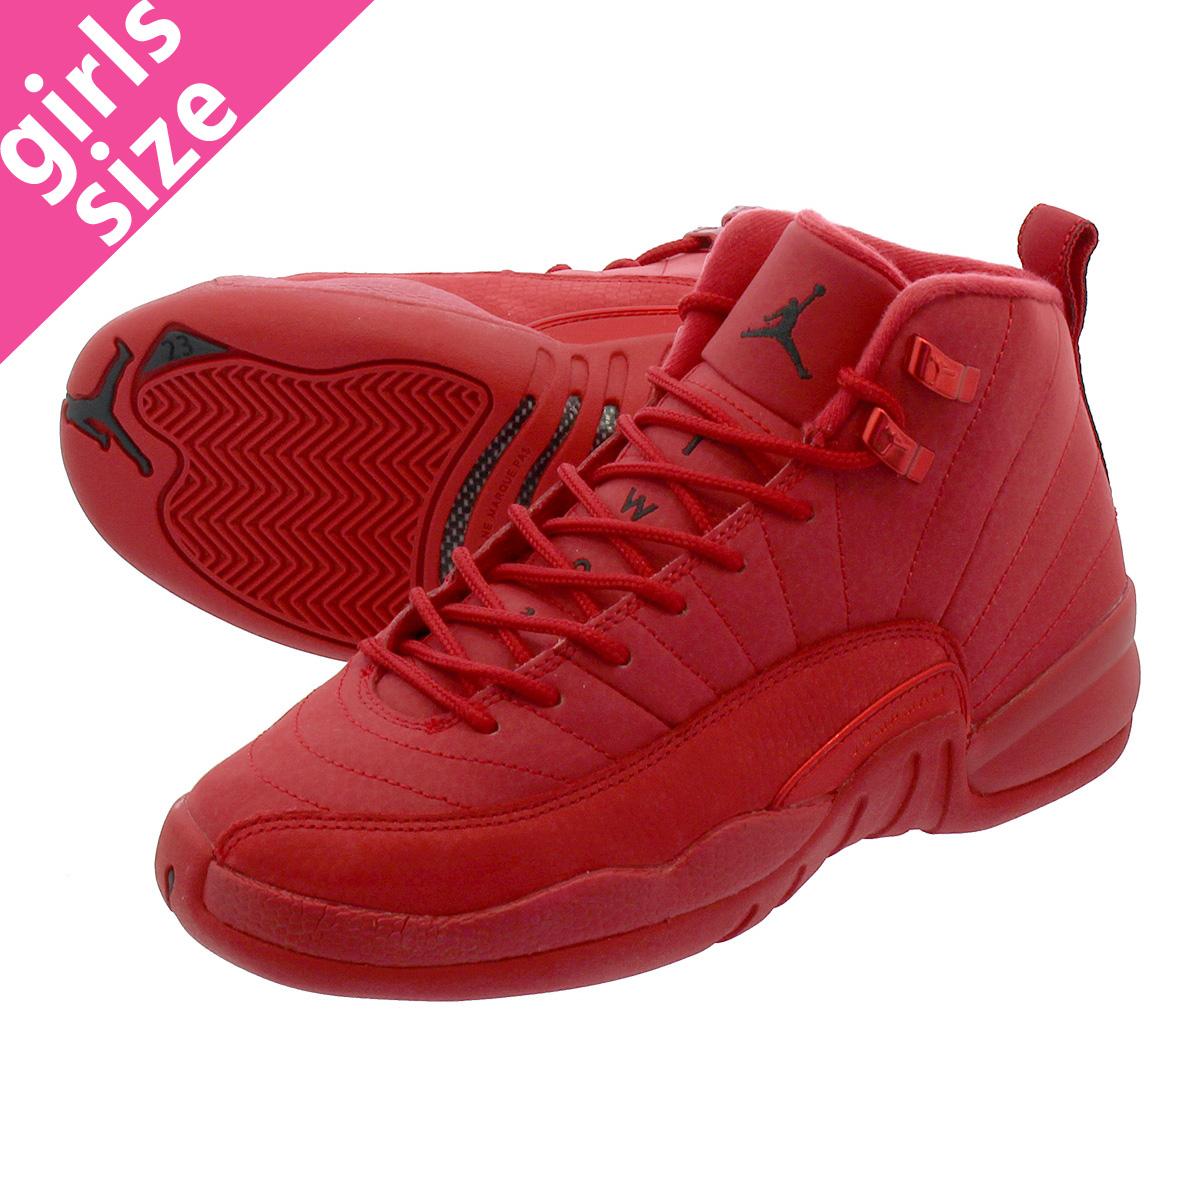 quality design d0f86 e004e NIKE AIR JORDAN 12 RETRO GS Nike Air Jordan 12 nostalgic GS GYM RED BLACK  153,265-601